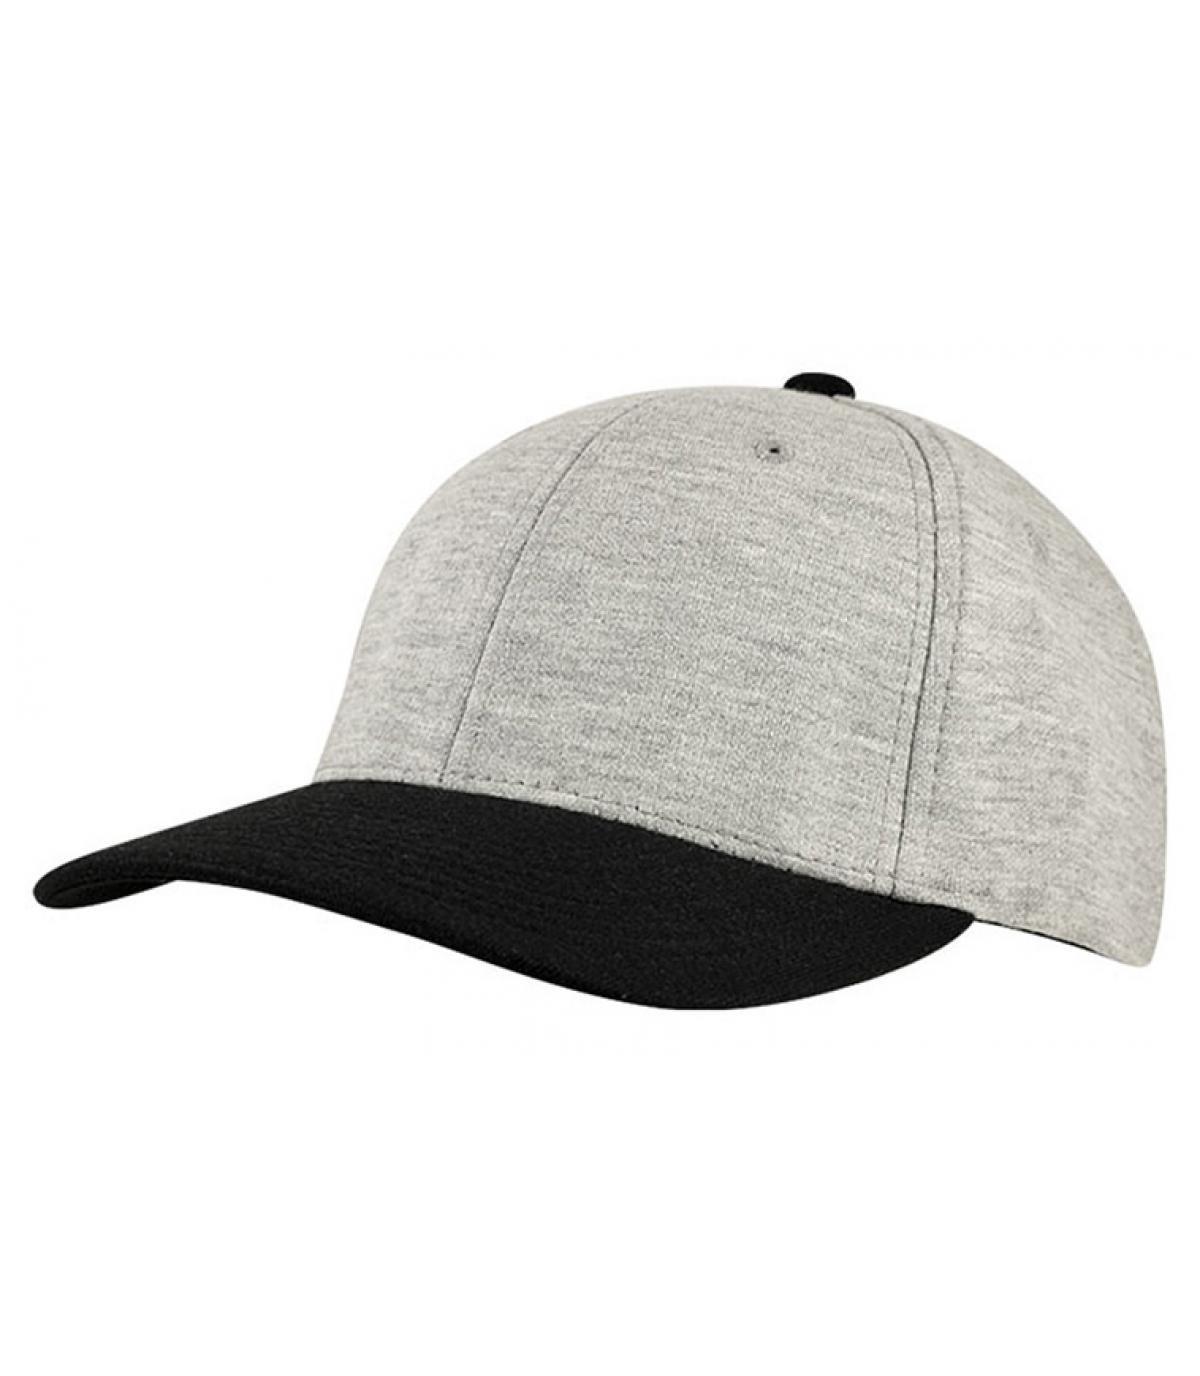 casquette jersey grise noire